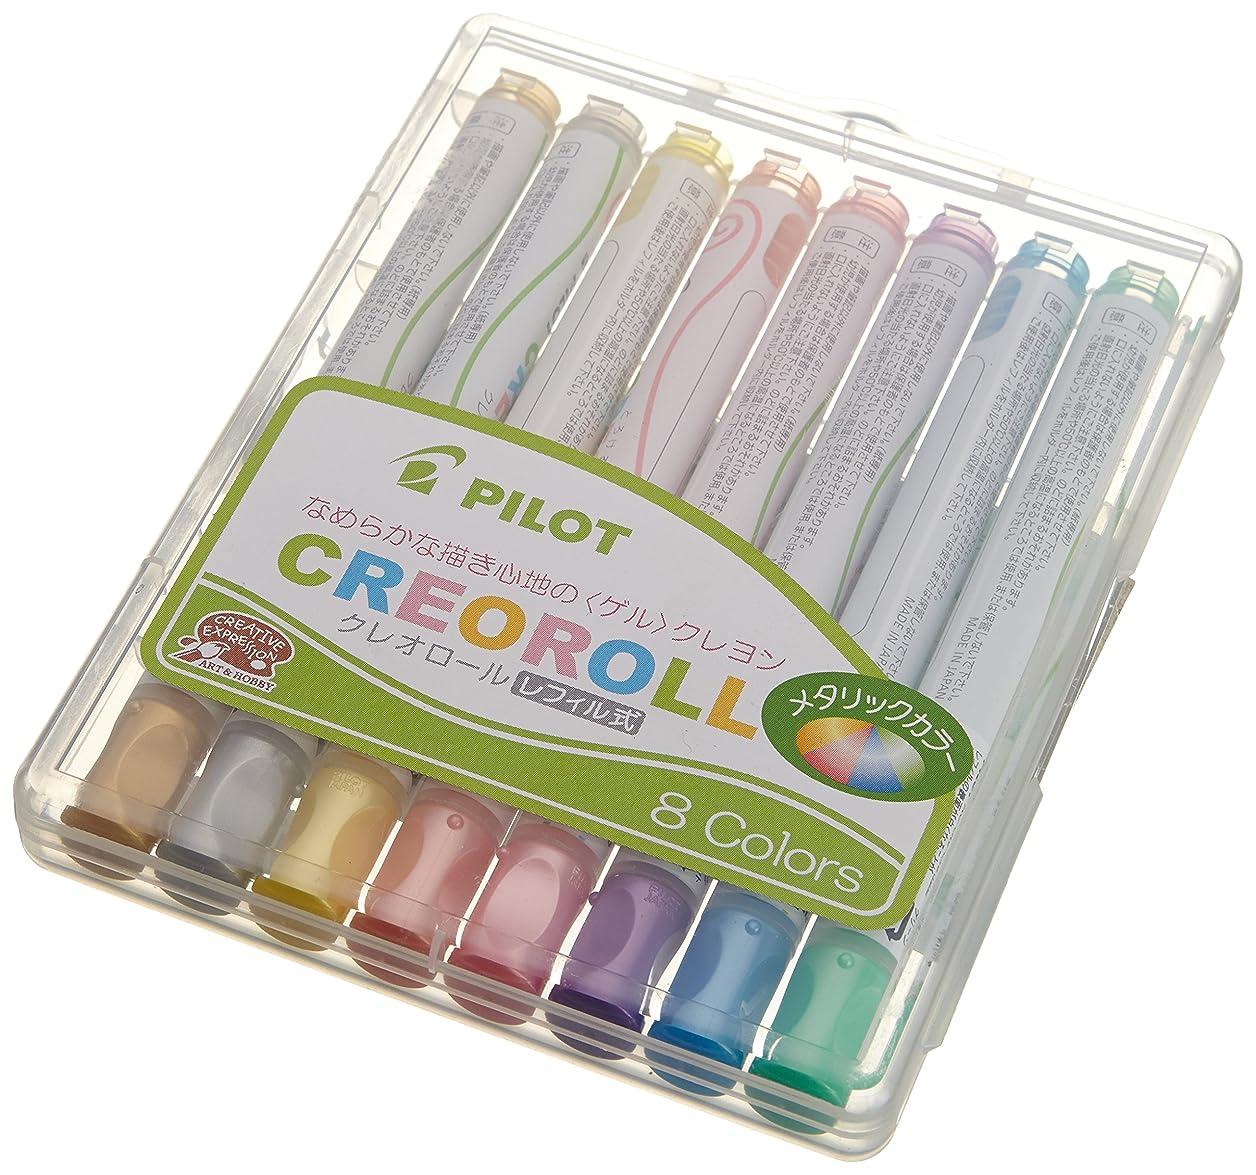 Pilot Gel Type Crayon Creoroll, Metallic 8 Color Set (AO-CR6M-S8) psgpjpzsqhlisufr